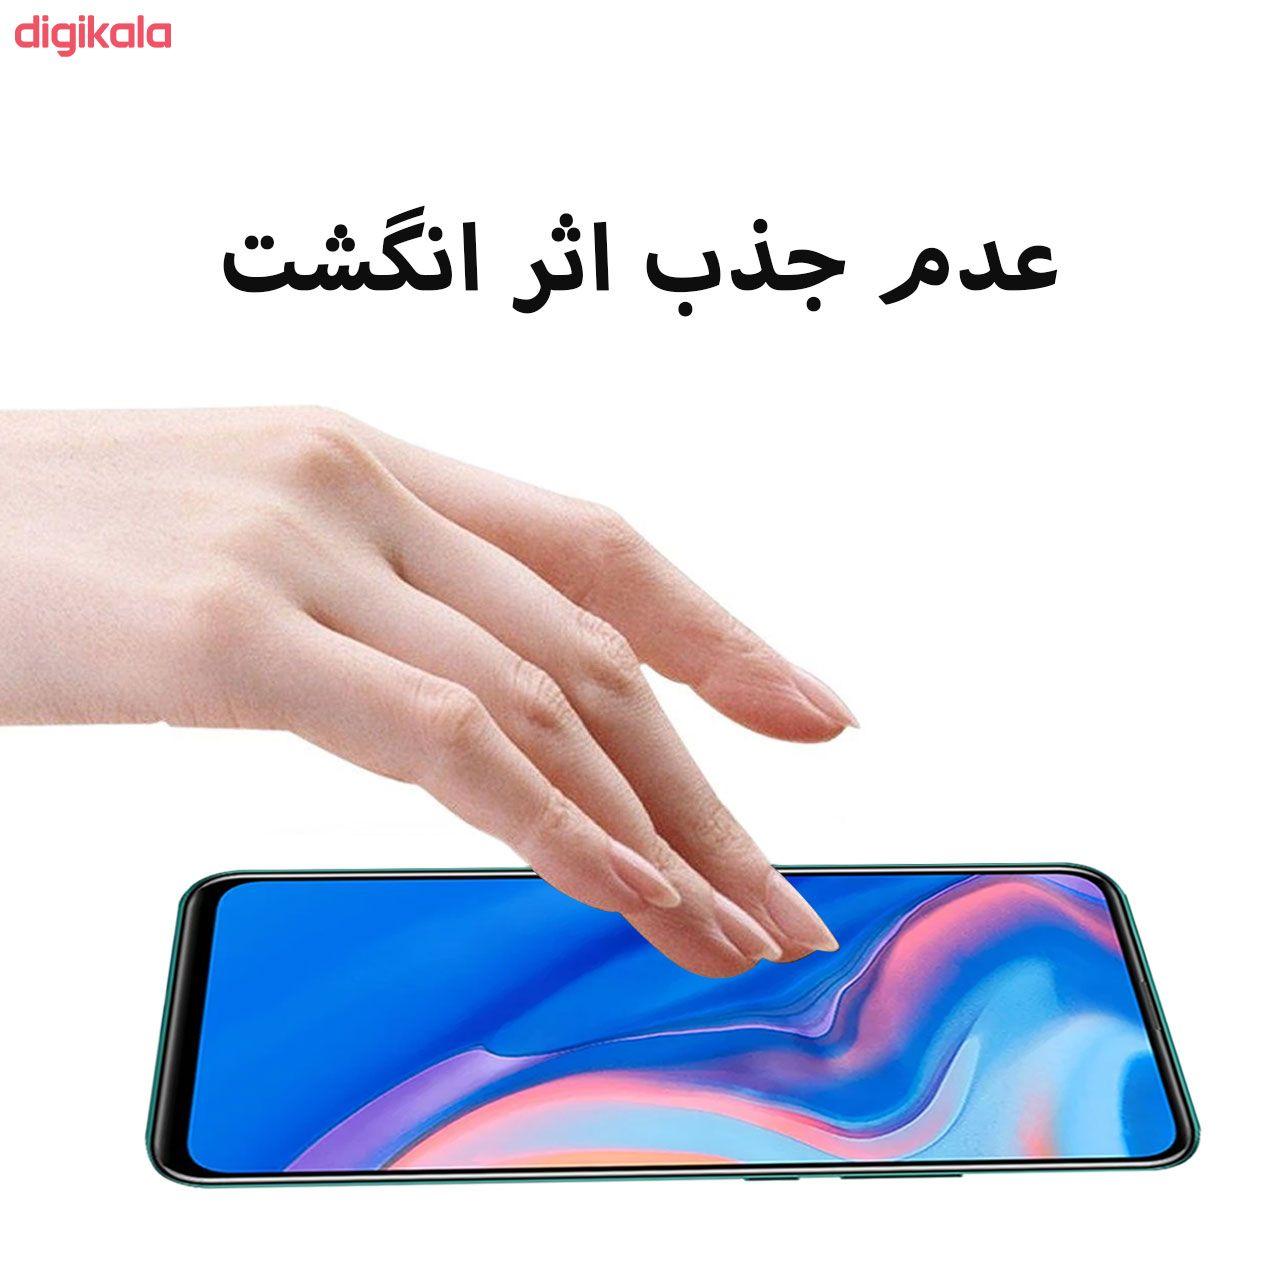 محافظ صفحه نمایش تراستکتور مدل GSS مناسب برای گوشی موبایل هوآوی Y9 Prime 2019 بسته 5 عددی main 1 3